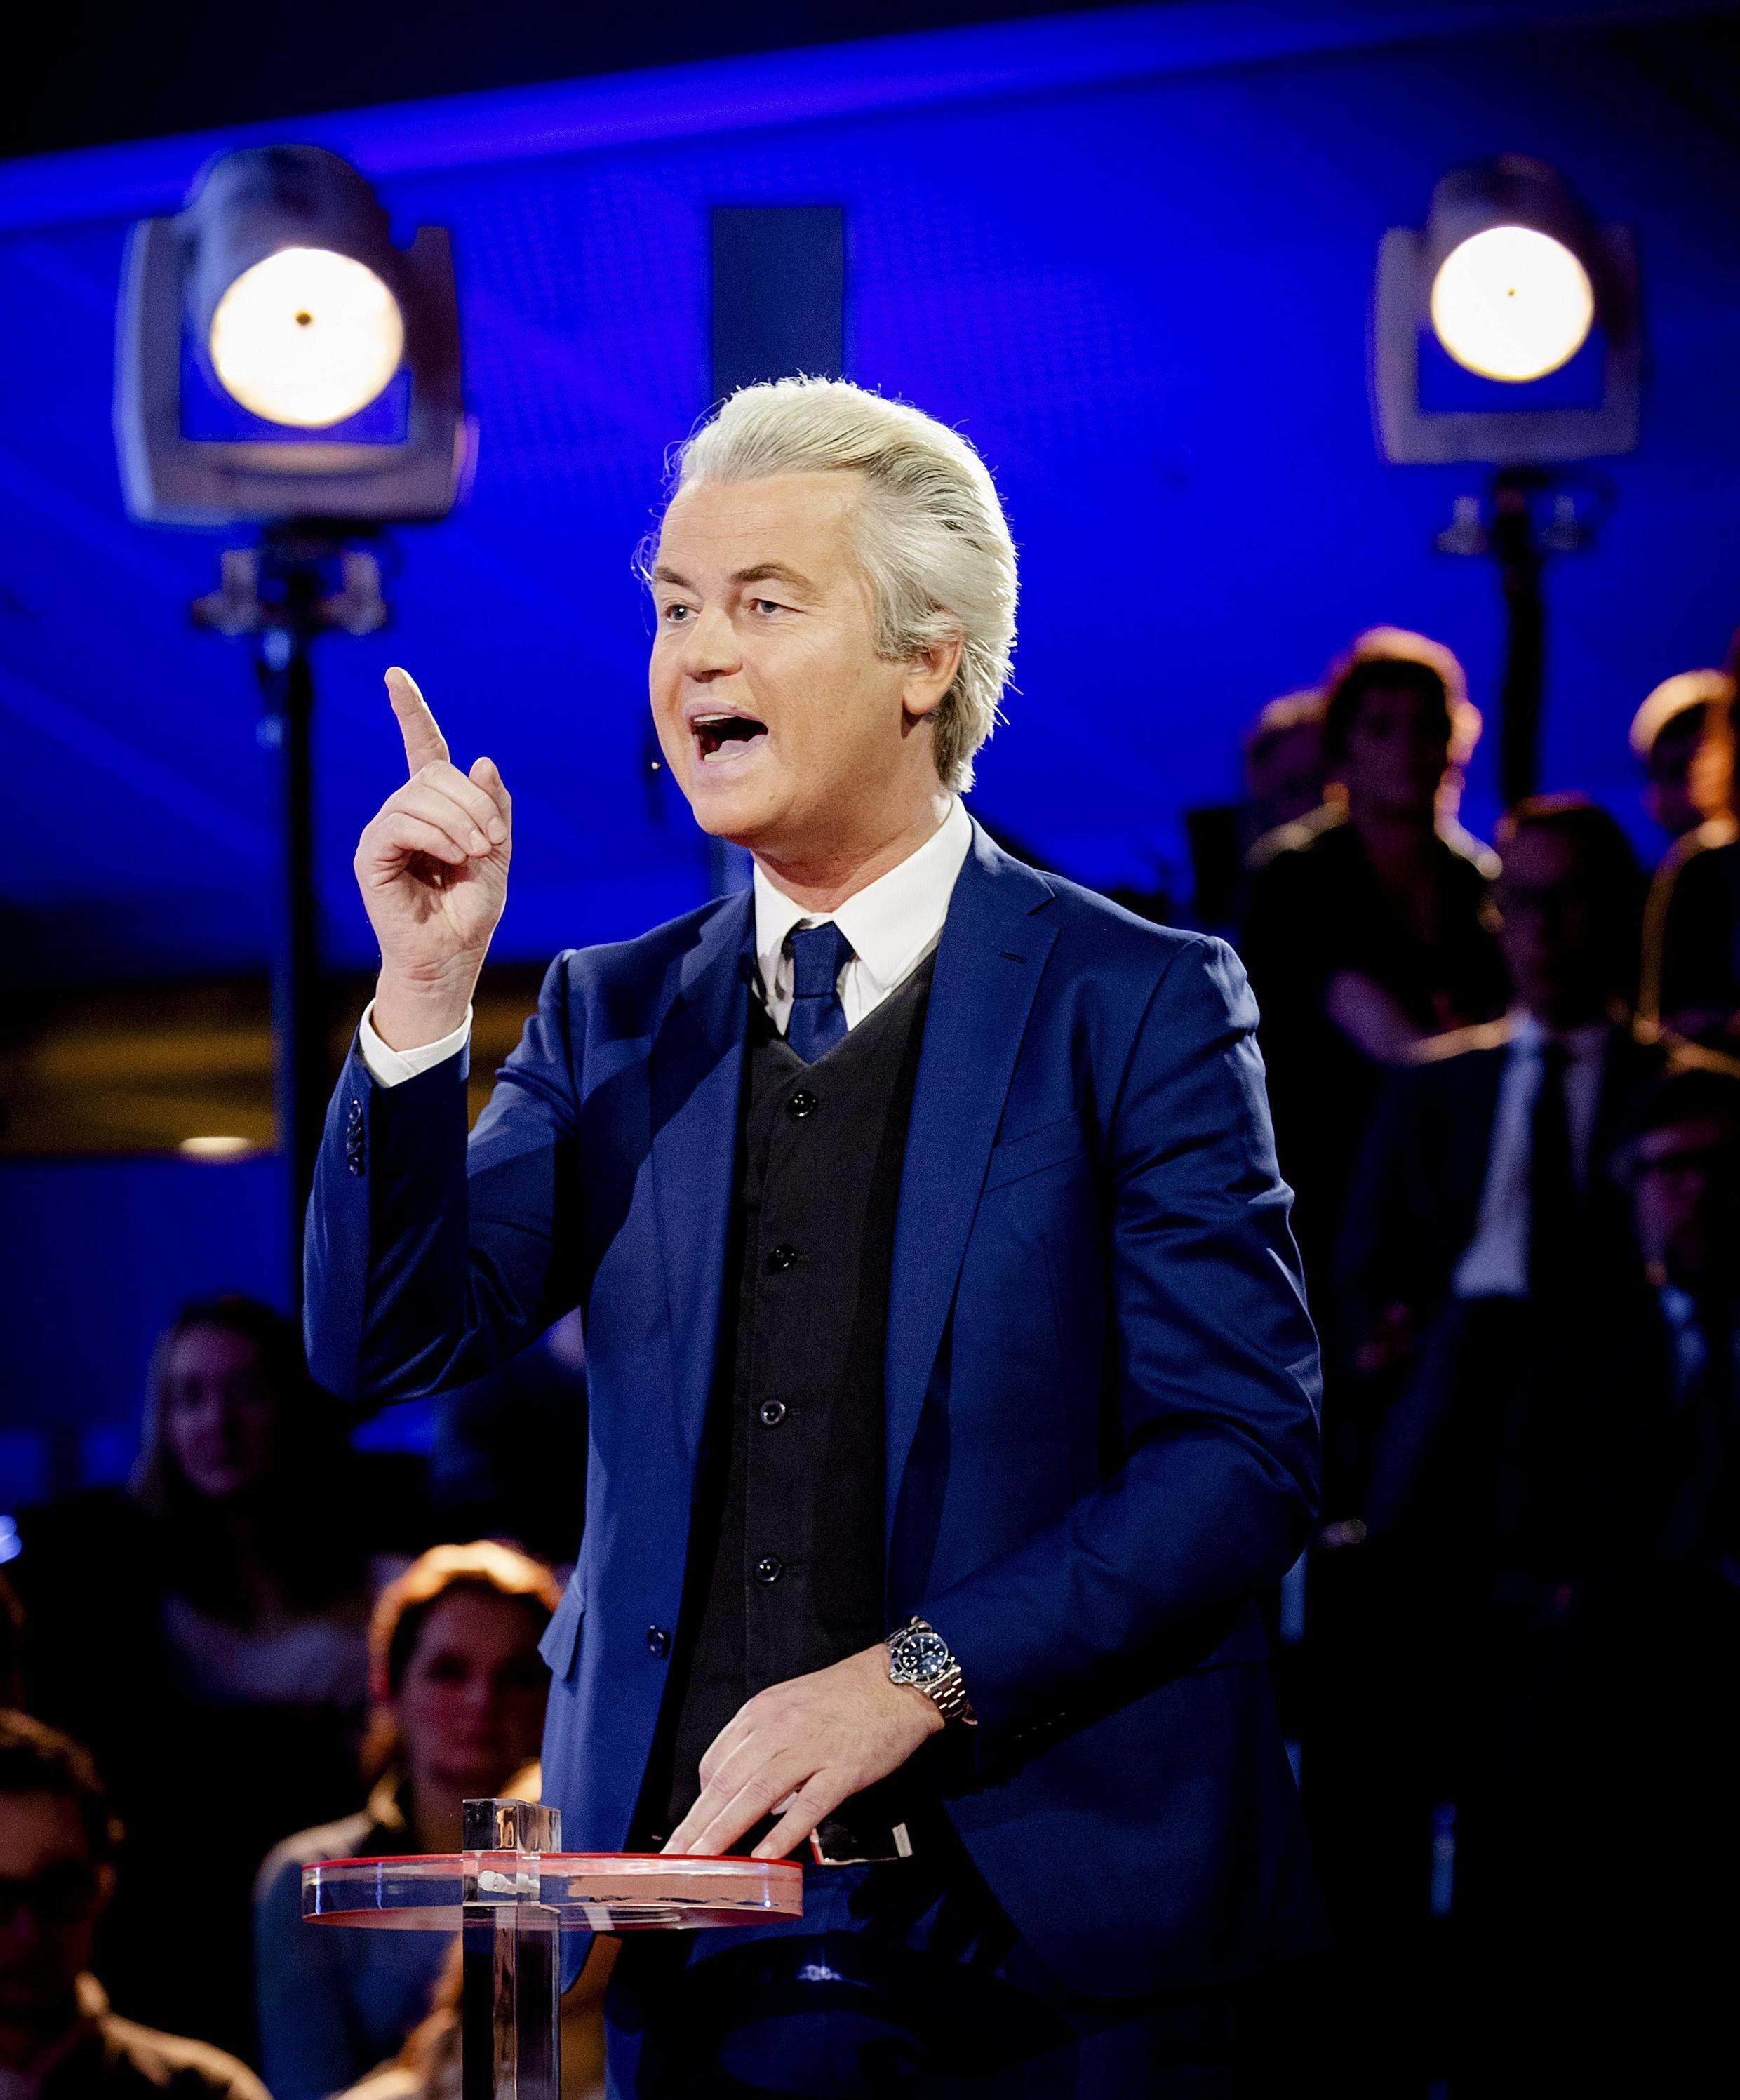 Le leader du Parti pour la liberté (PVV), le Hollandais Geert Wilders, le 14 mars 2017 à La Hague.